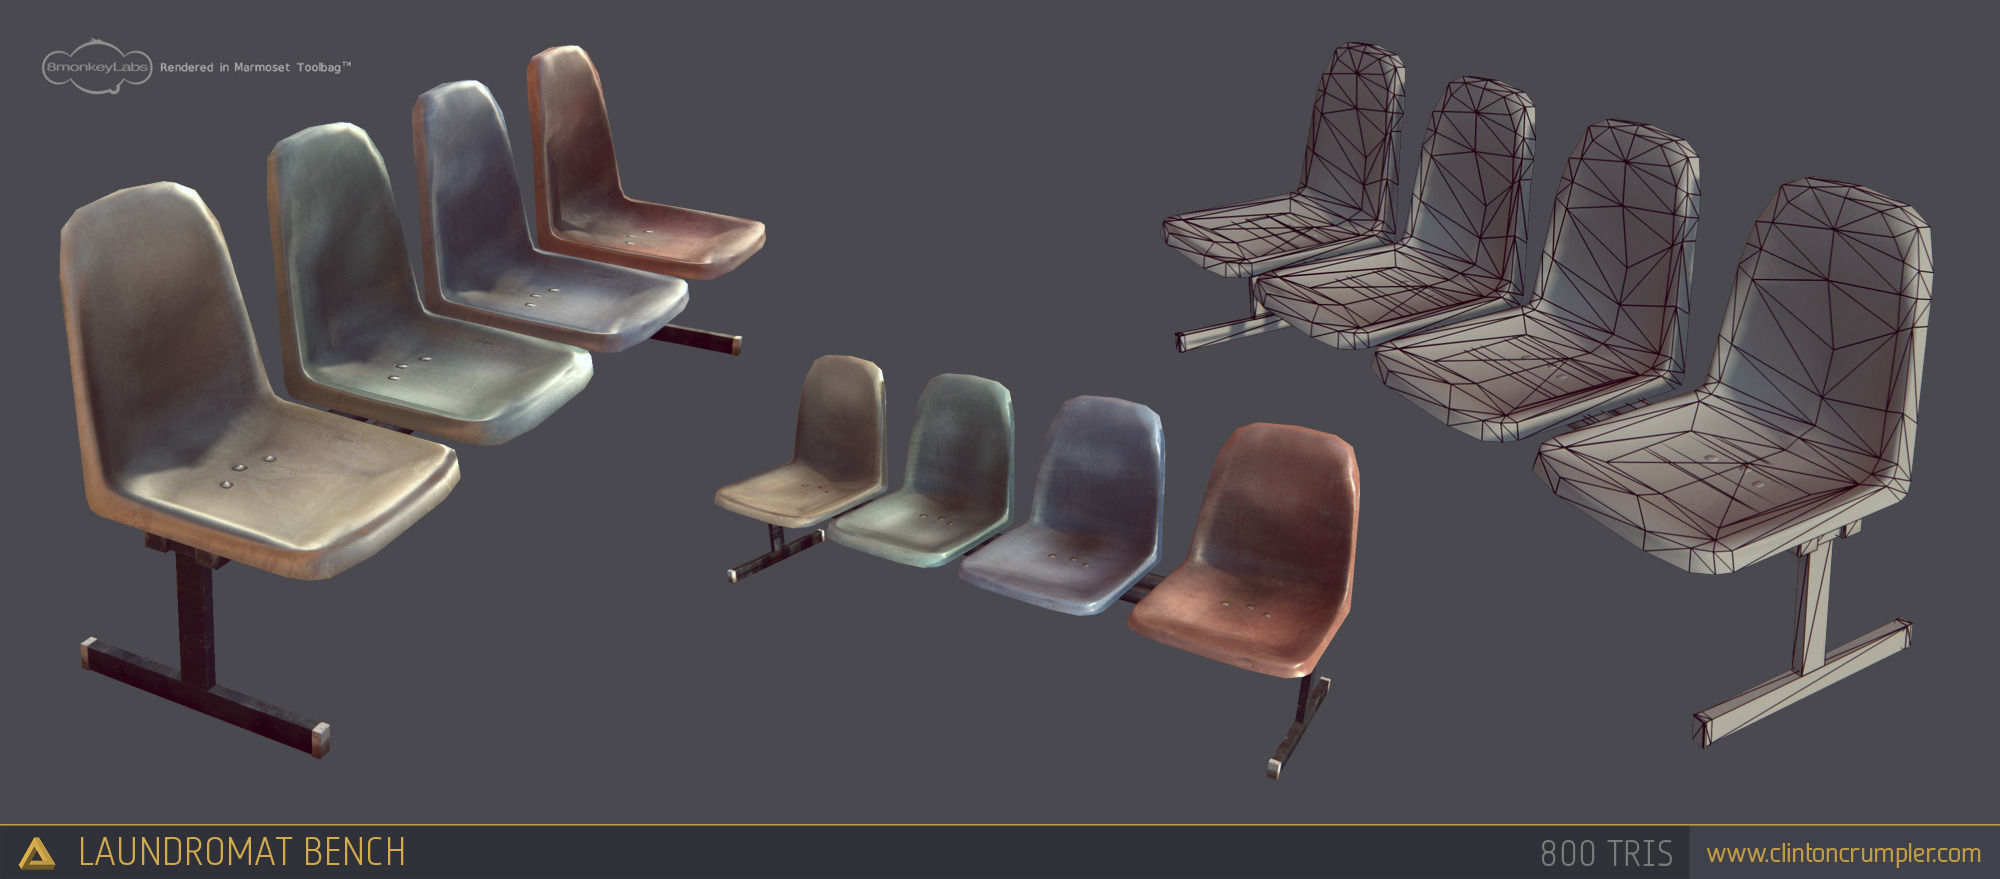 laundromat furniture. laundromat bench chairs 3d model lowpoly obj fbx ma mb tga 18 furniture t